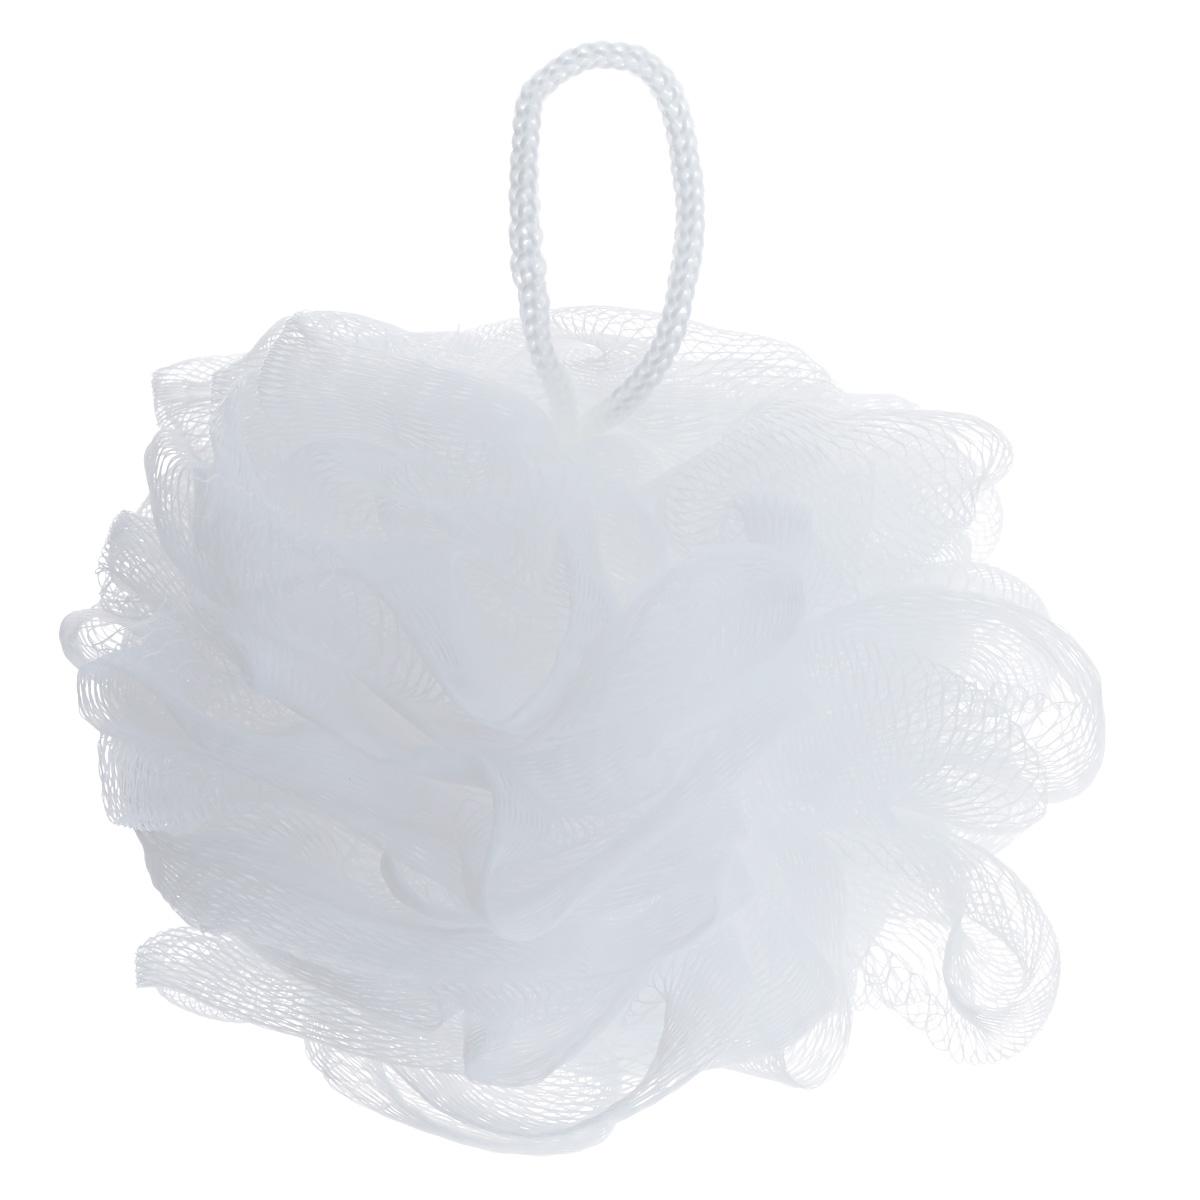 Riffi Мочалка-губка Массажный цветок, средняя, цвет: белый. 343 riffi повязка для волос цвет коралловый